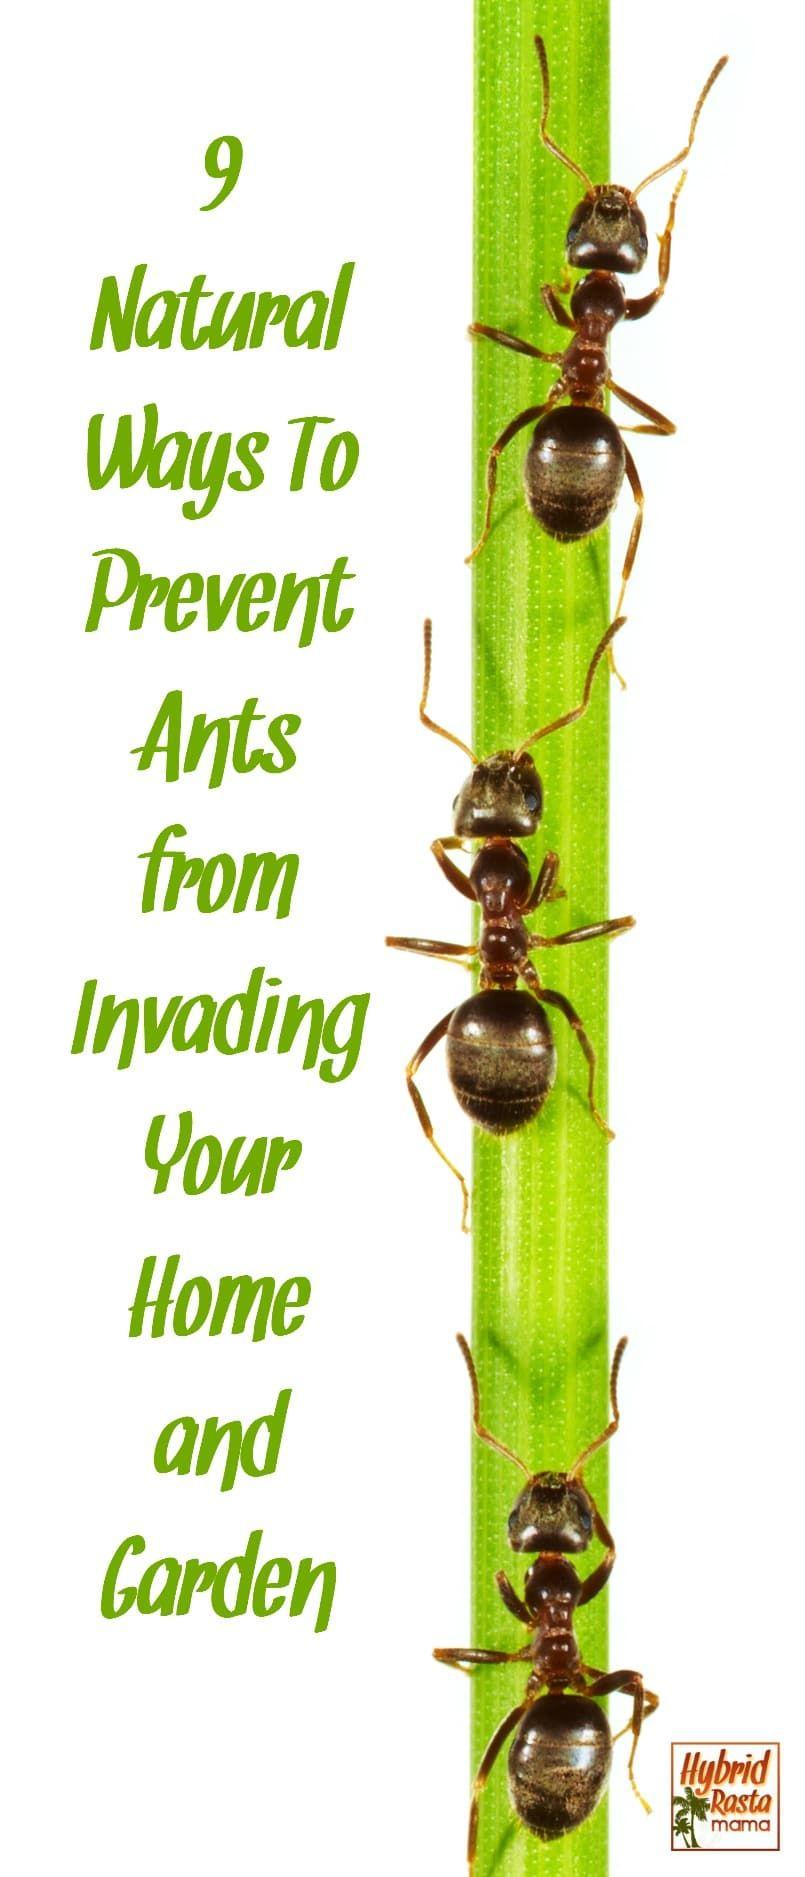 b58b817a0b8c778e32536aa9212e0ff0 - How To Get Rid Of Ants In Vegetable Garden Naturally